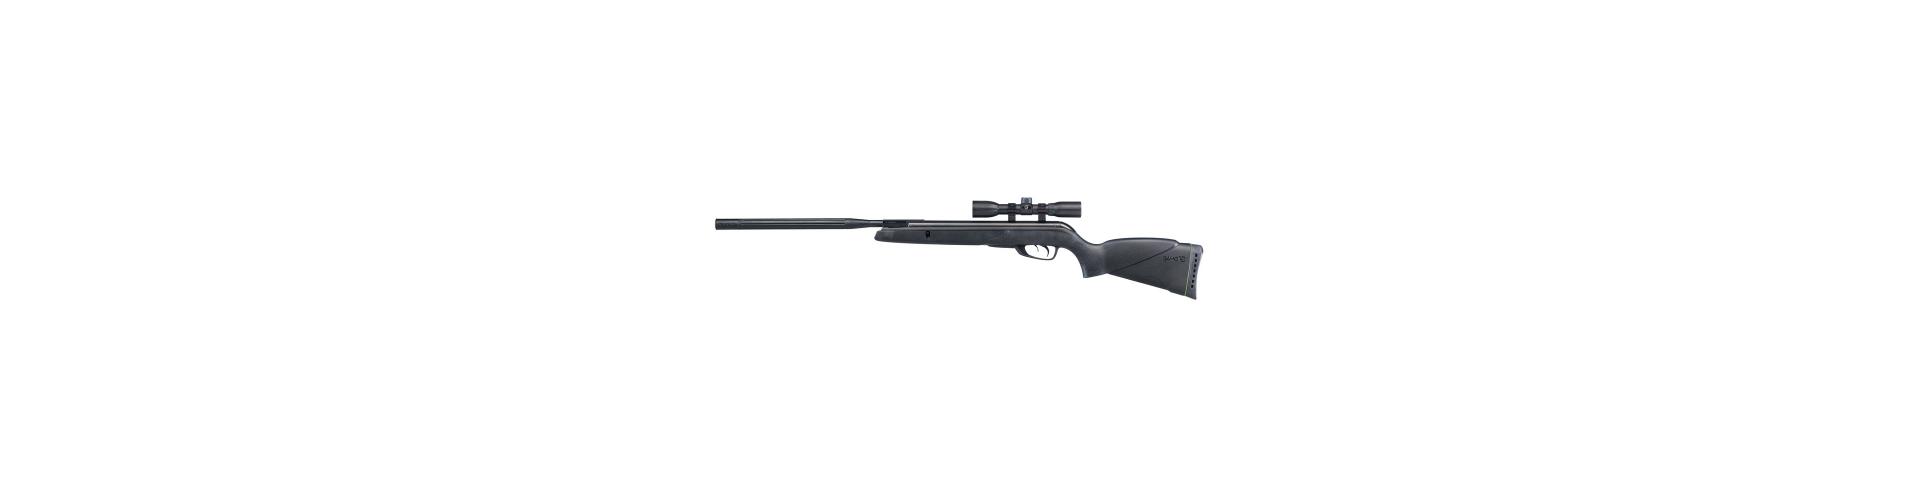 Luftgevær | Køb Kvalitets Luftgevær Her | Jagt & Vildt